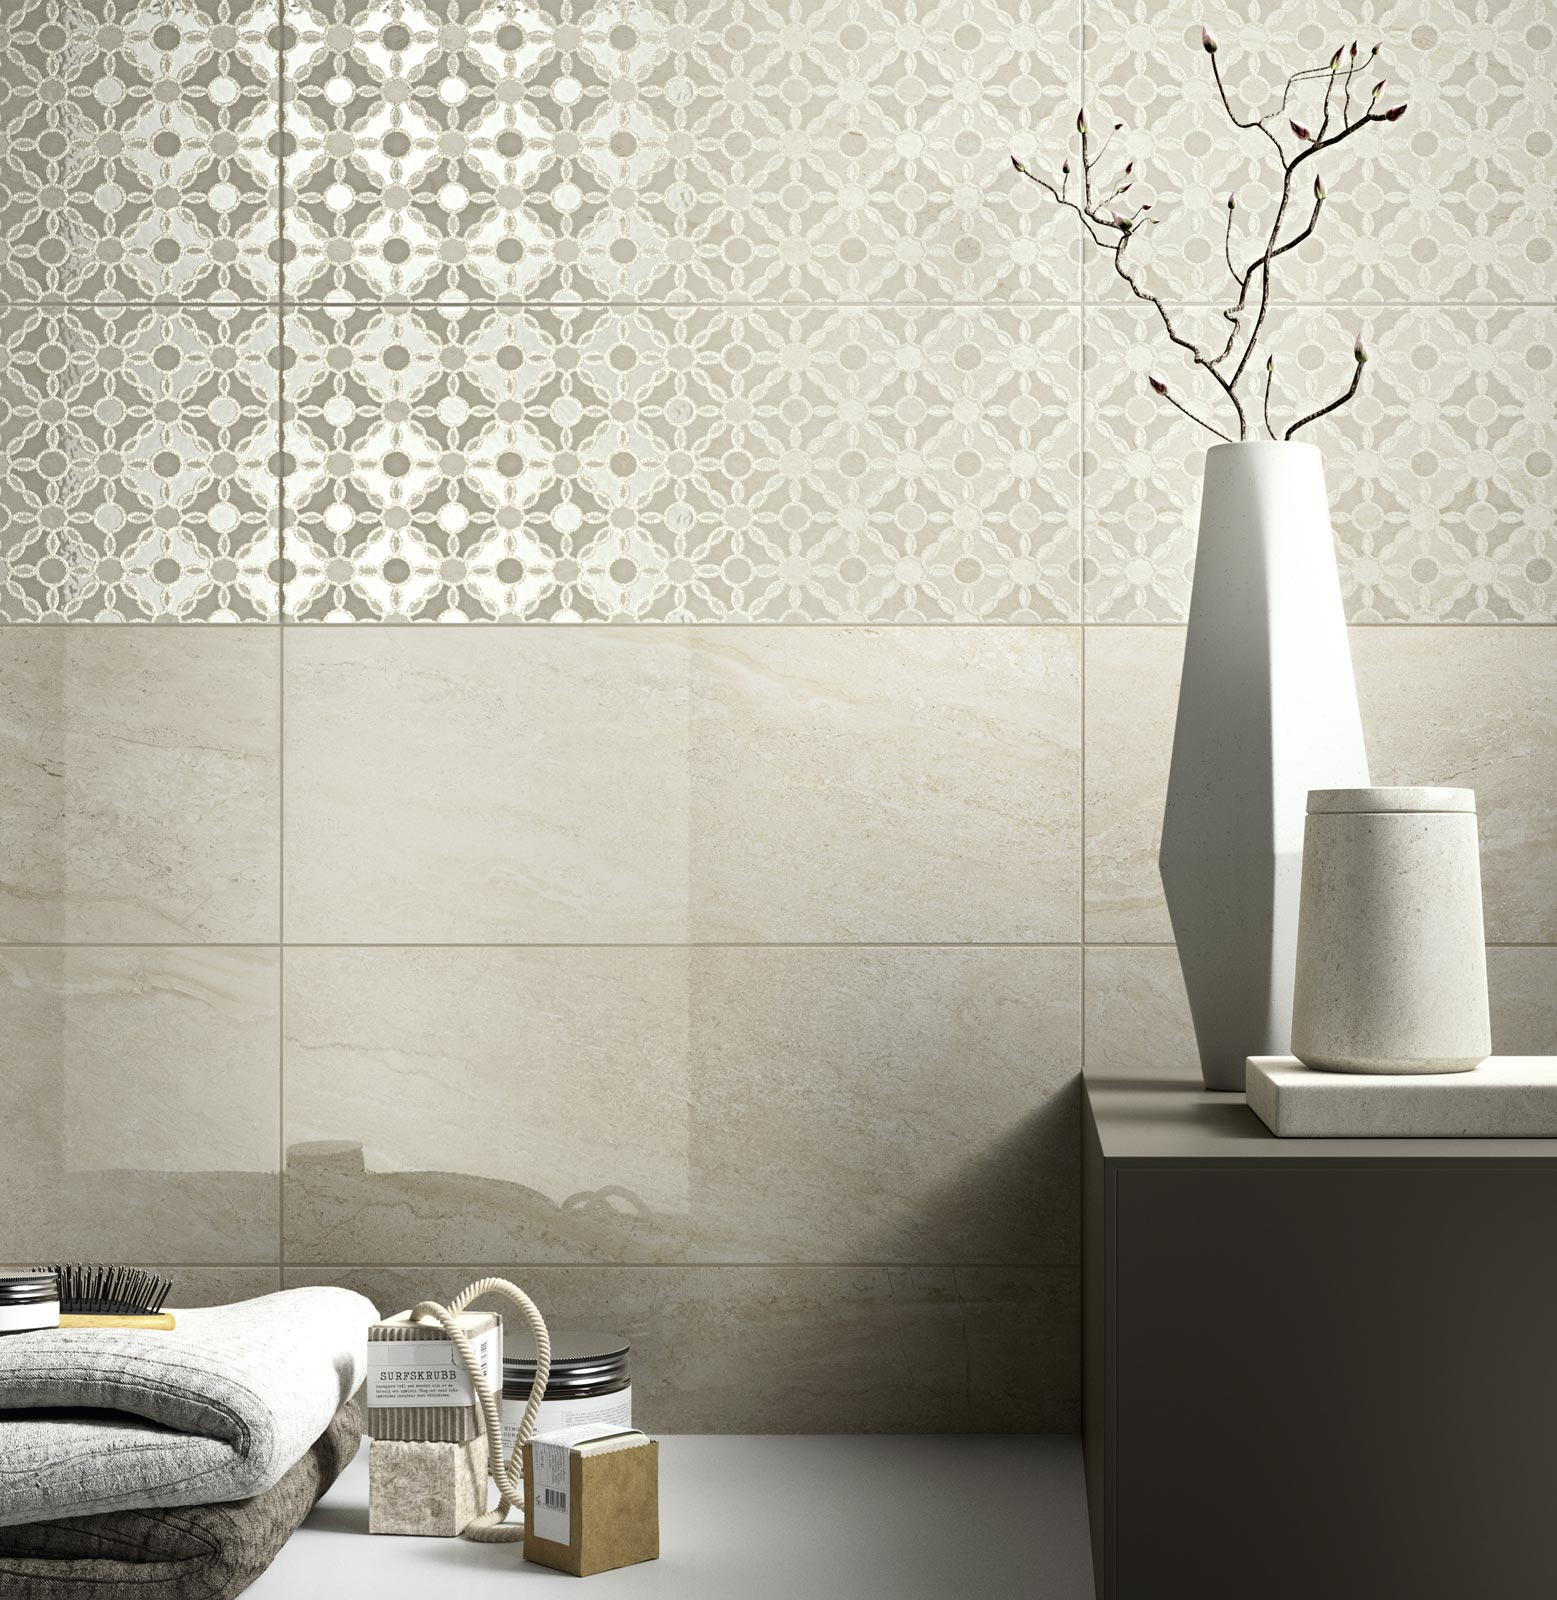 Mattonelle per bagno mosaico : mattonelle a mosaico per bagno ...